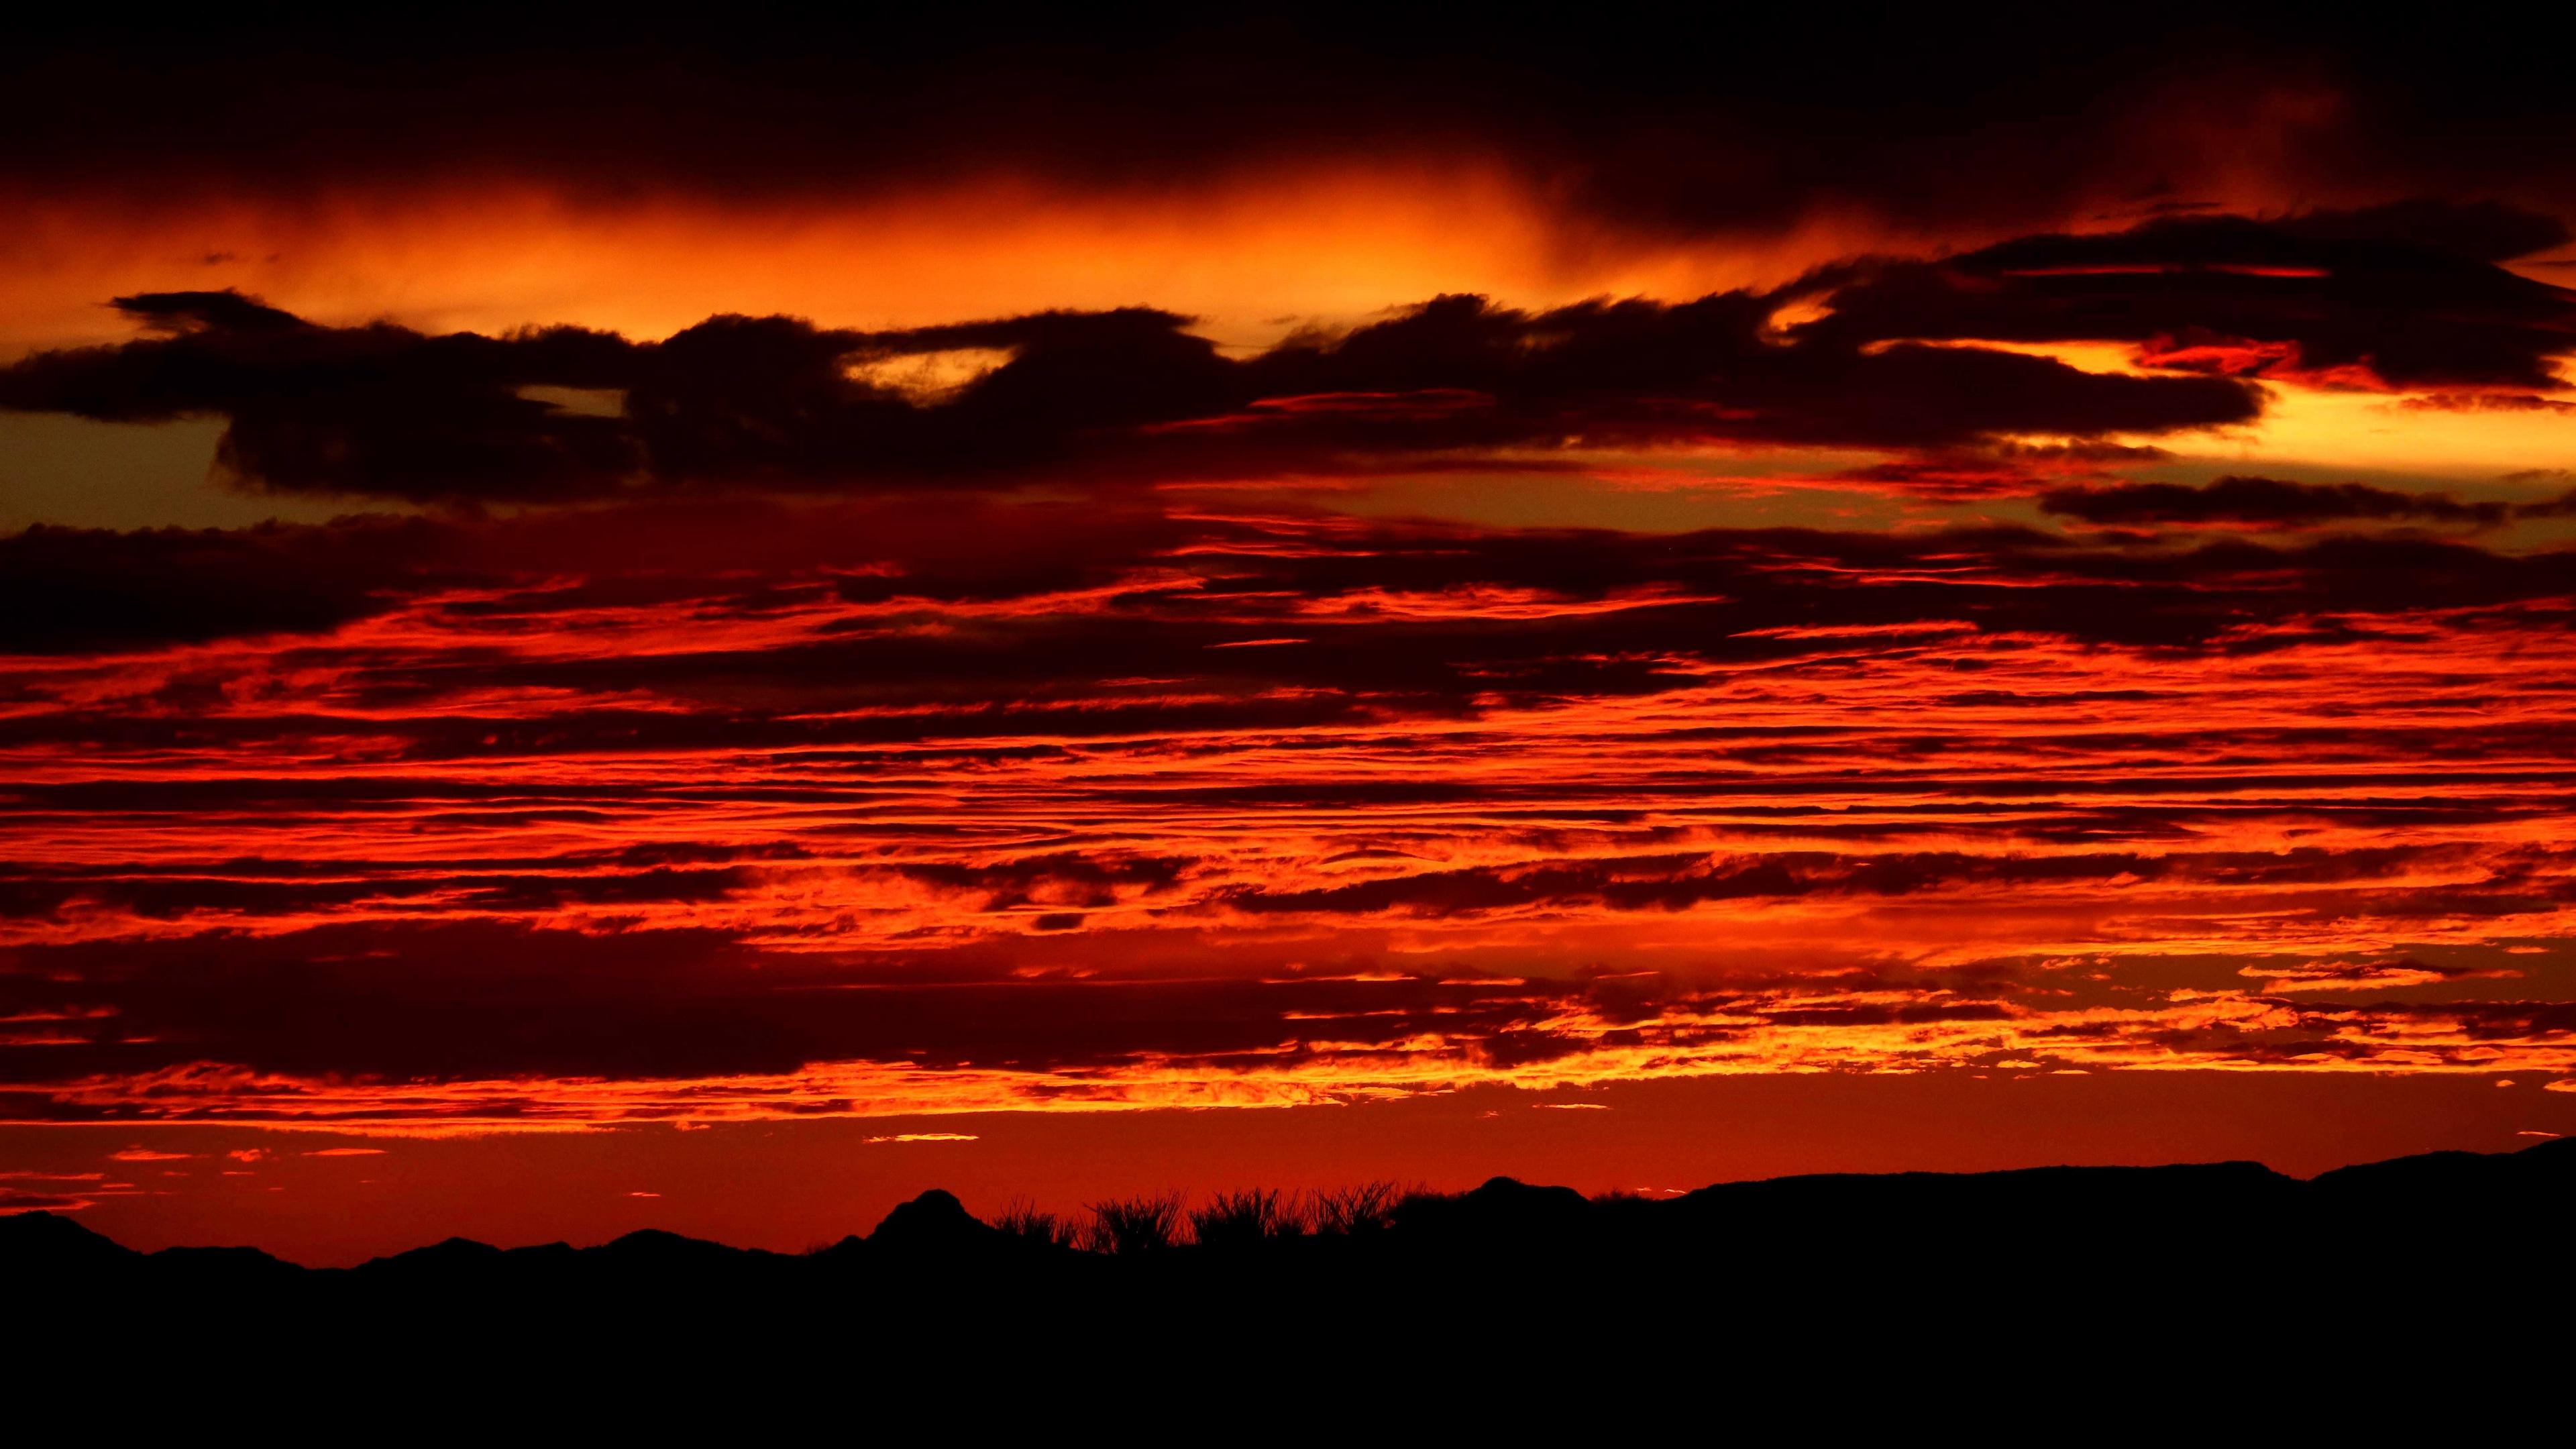 sunset horizon sky night red 4k 1541116062 - sunset, horizon, sky, night, red 4k - sunset, Sky, Horizon